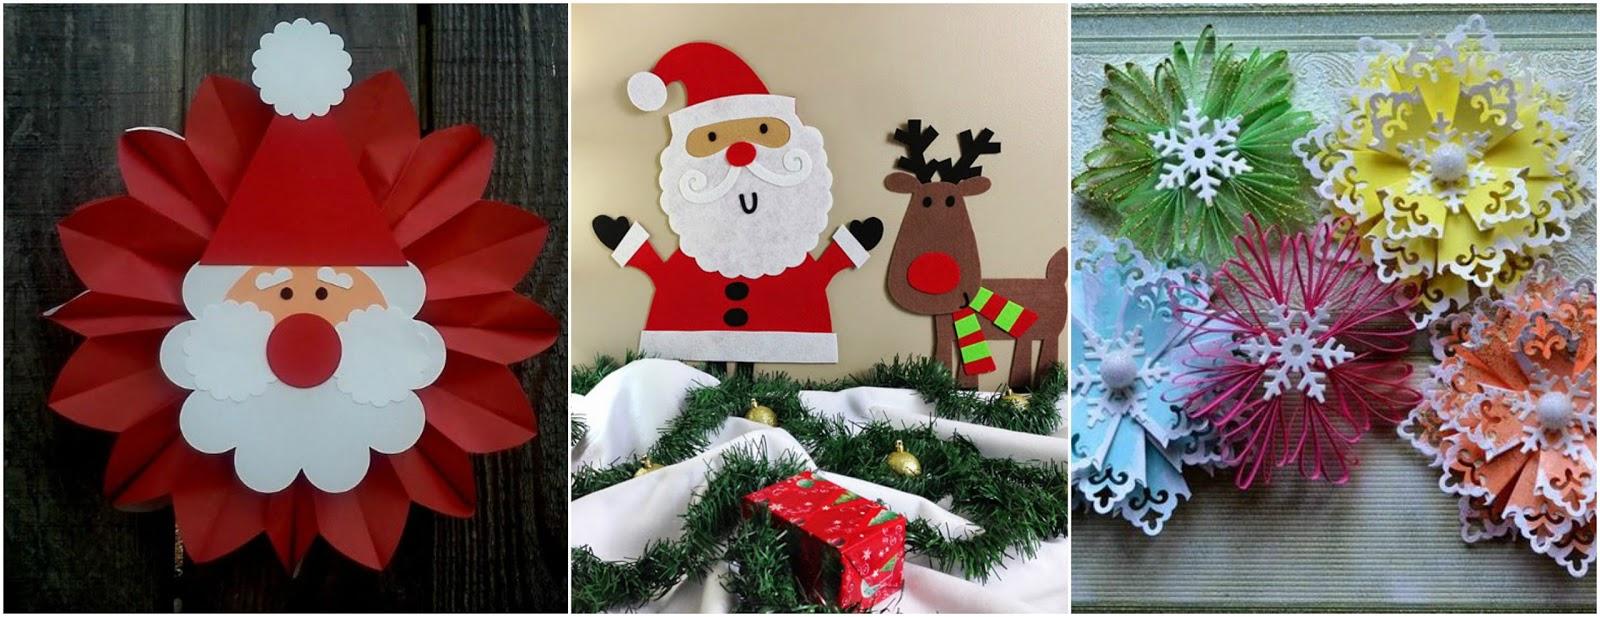 9 ideas para decorar en navidad con adornos de papel - Papel para decorar ...